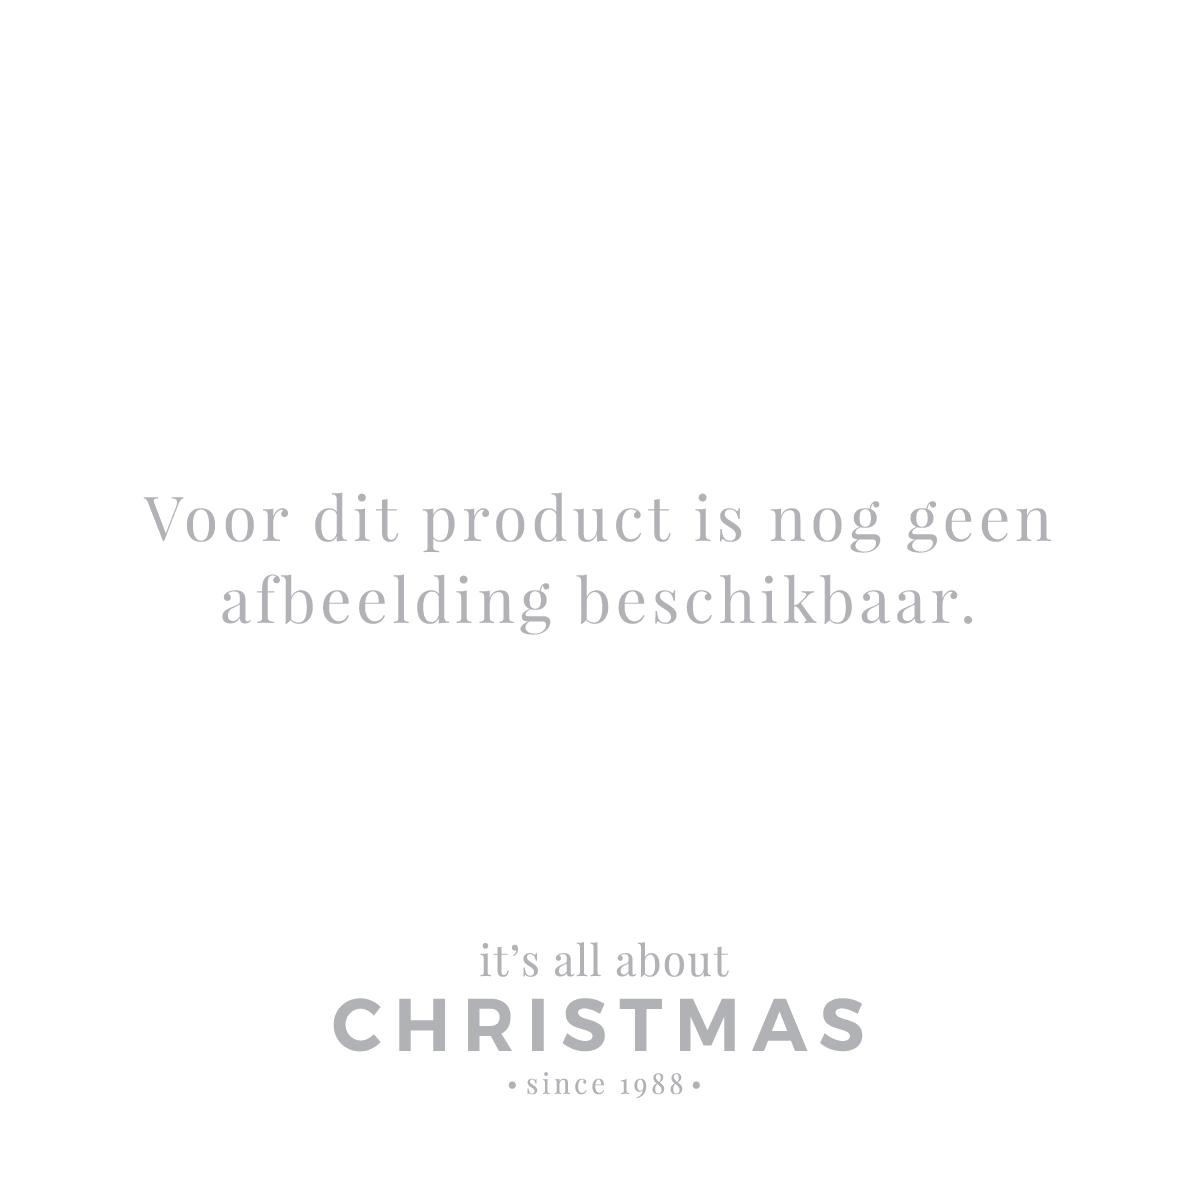 Glitzer XXL Weihnachtsschleife weihnachtsrot, 35 cm